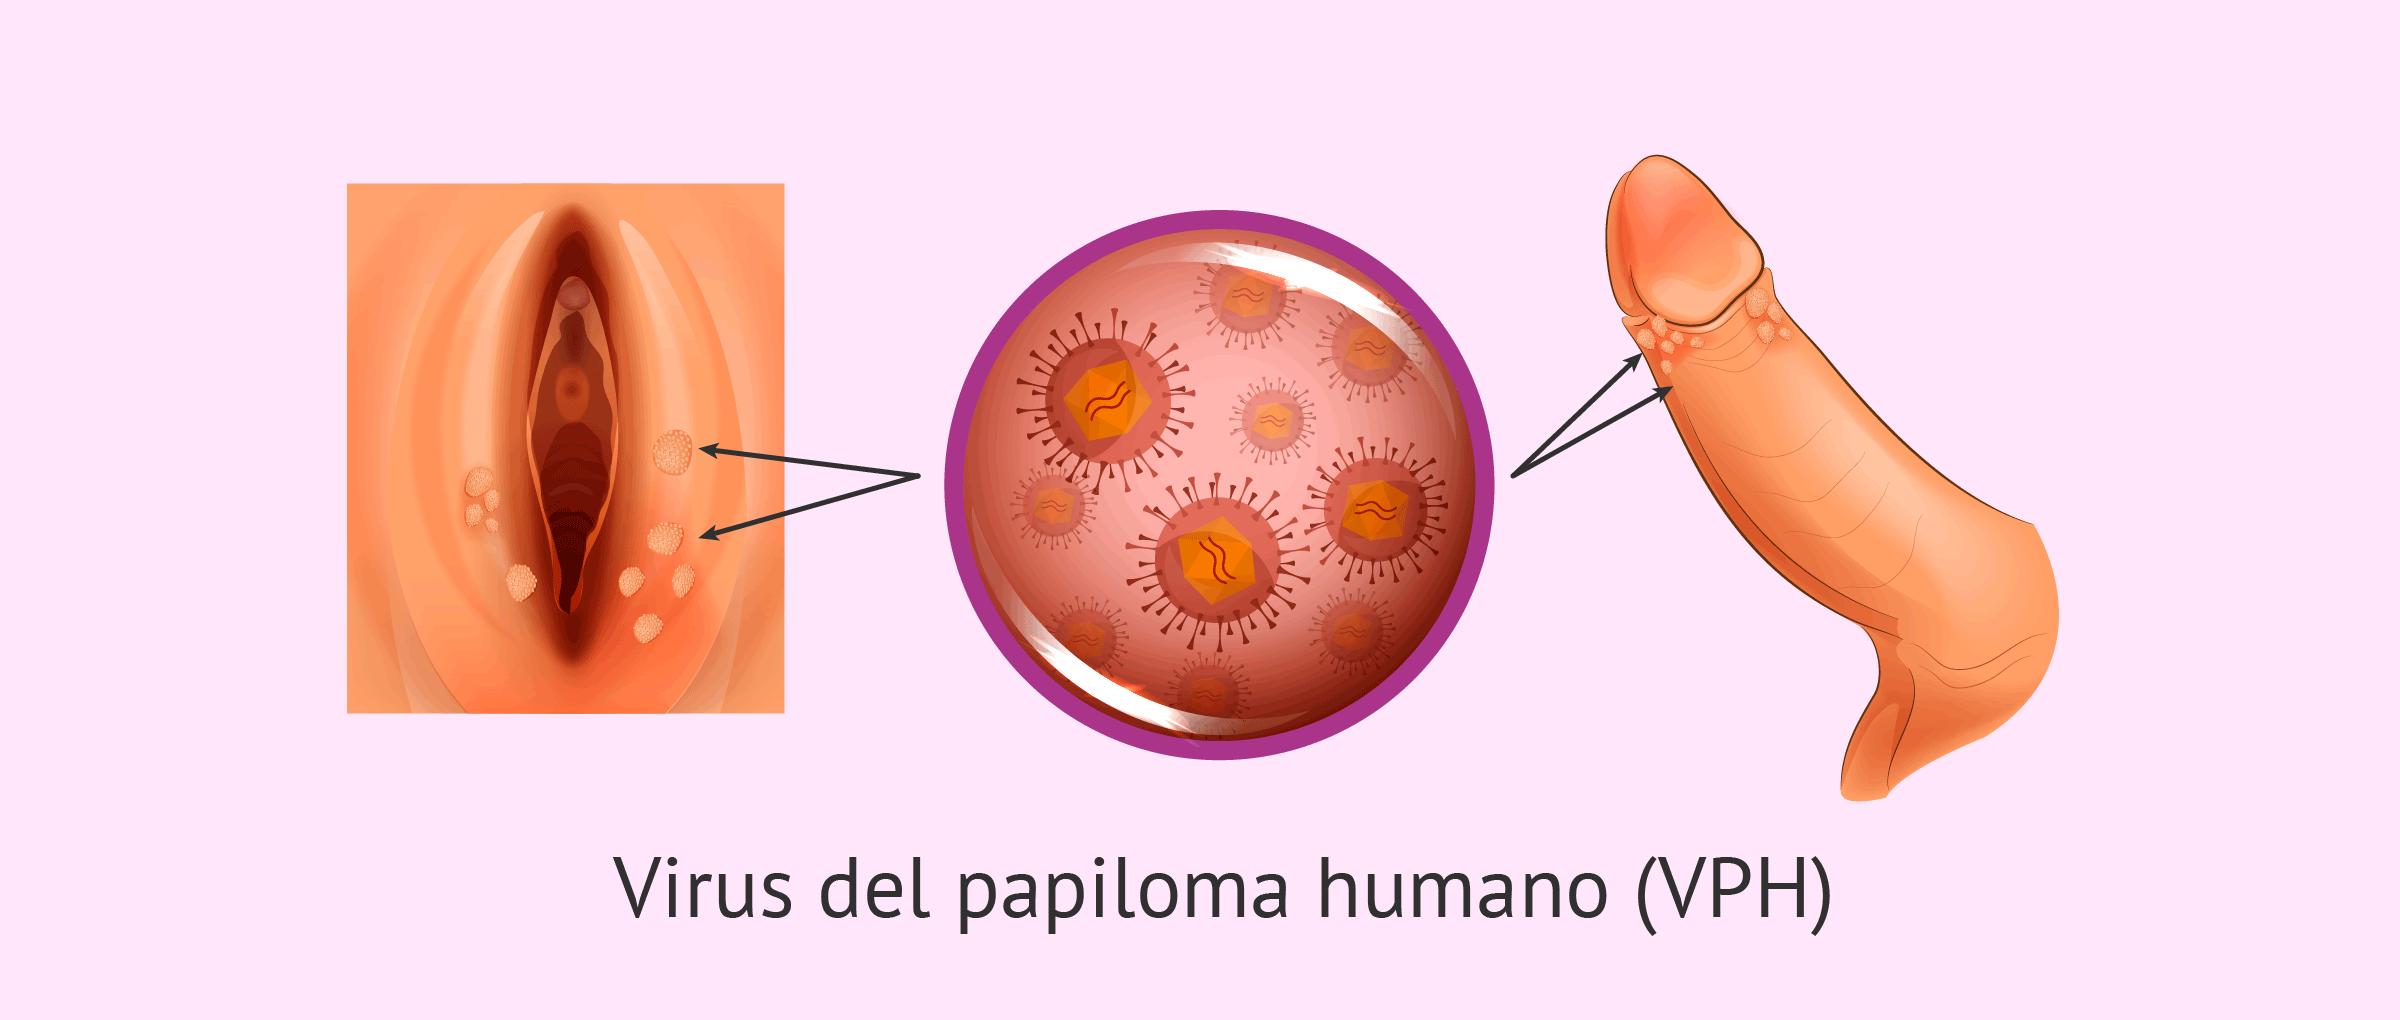 el virus del papiloma humano es contagioso)